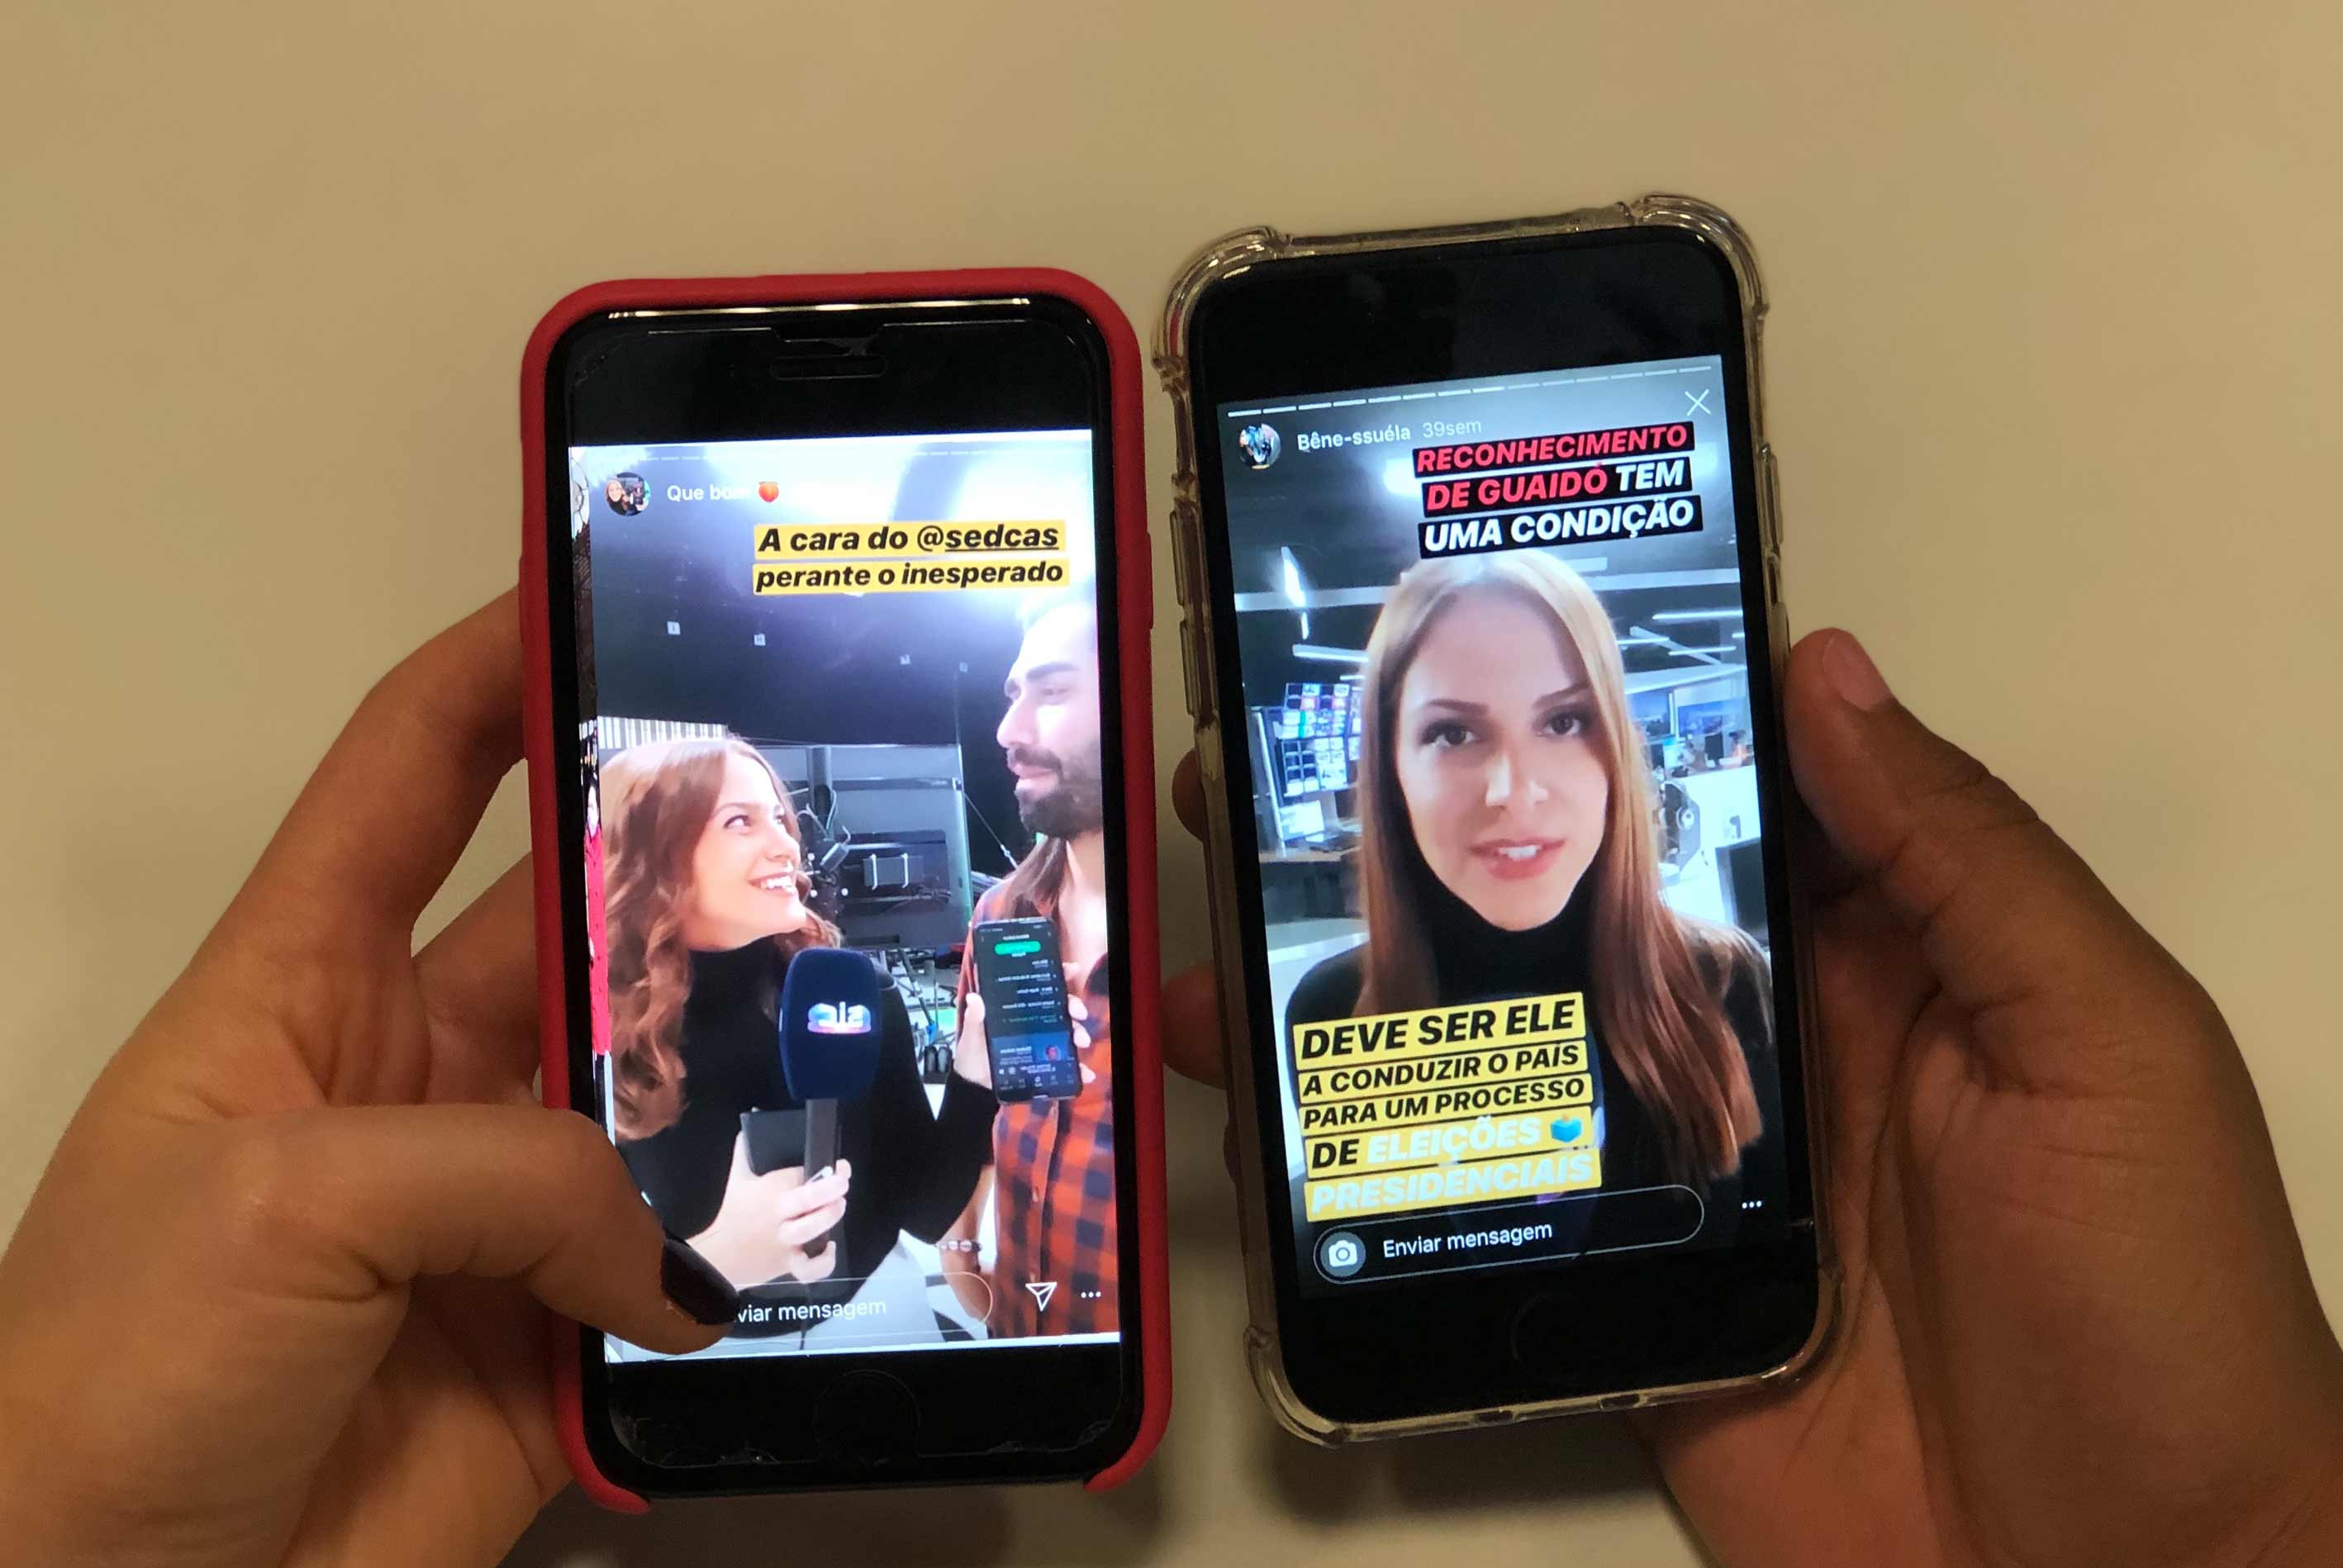 Duas mãos seguram dois telemóveis. Em cada um estão conteúdos produzidos por Diana Duarte.